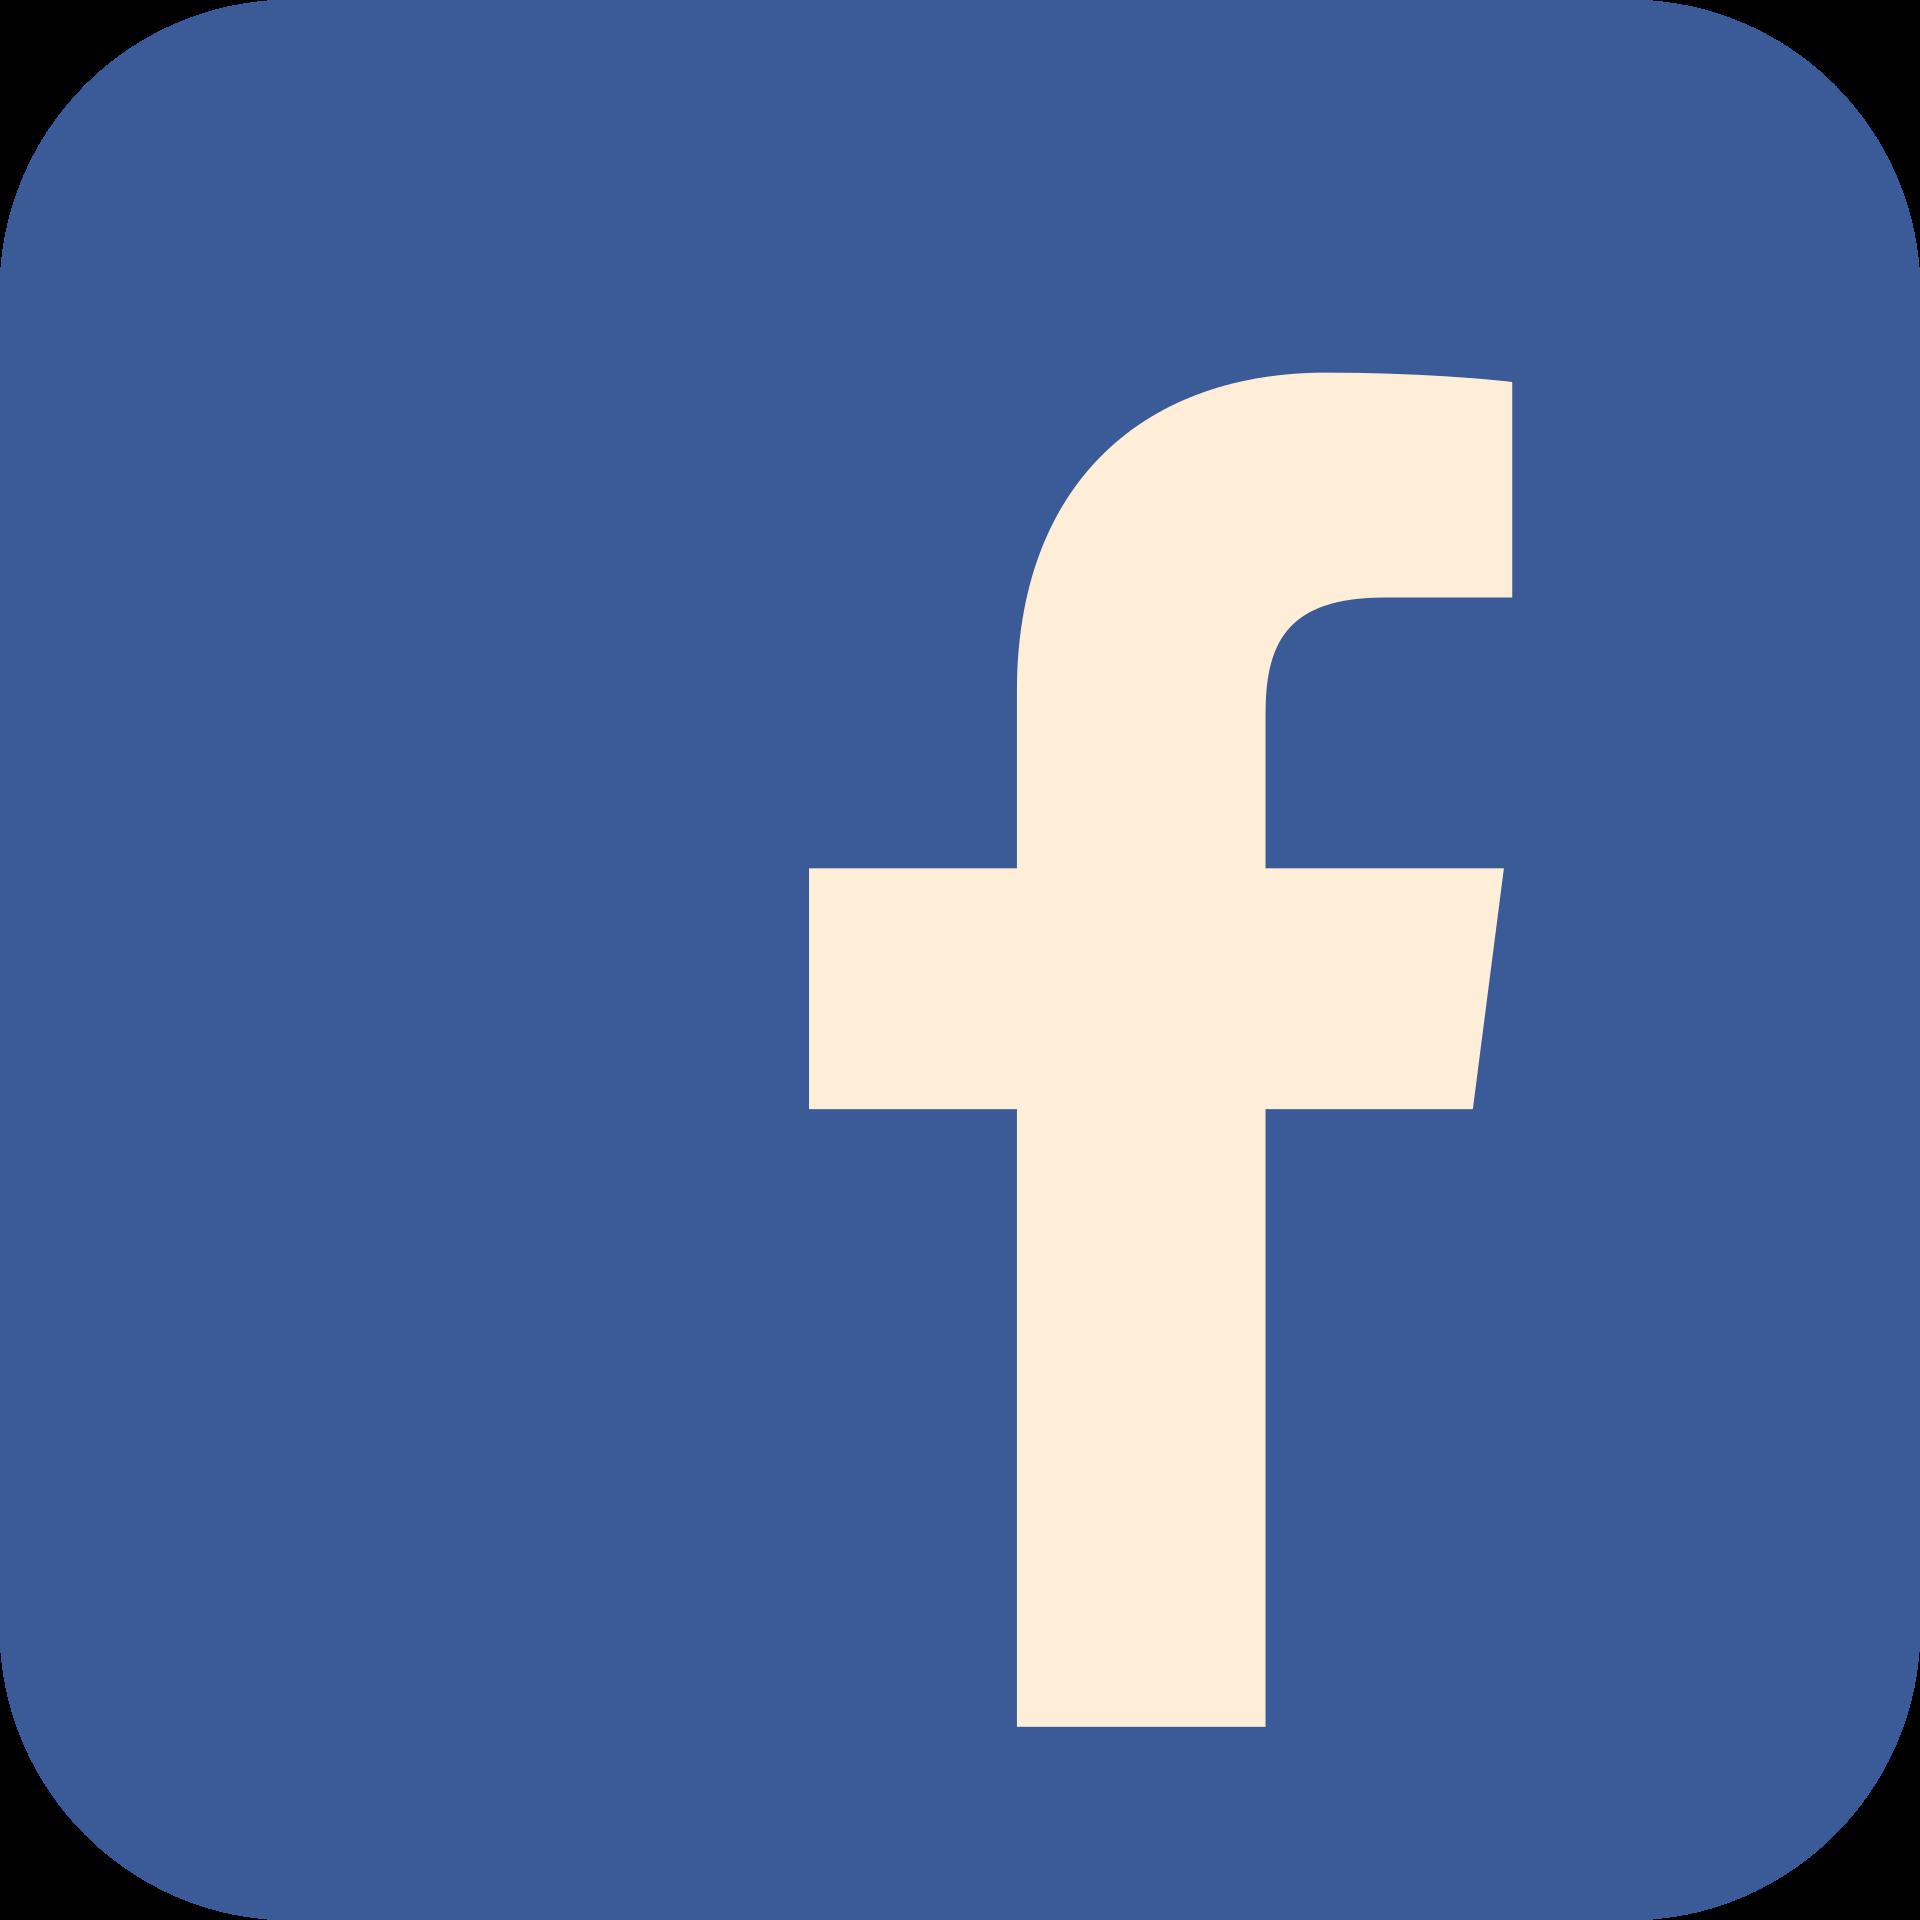 Facebook de l'Association Française Transhumaniste Technoprog